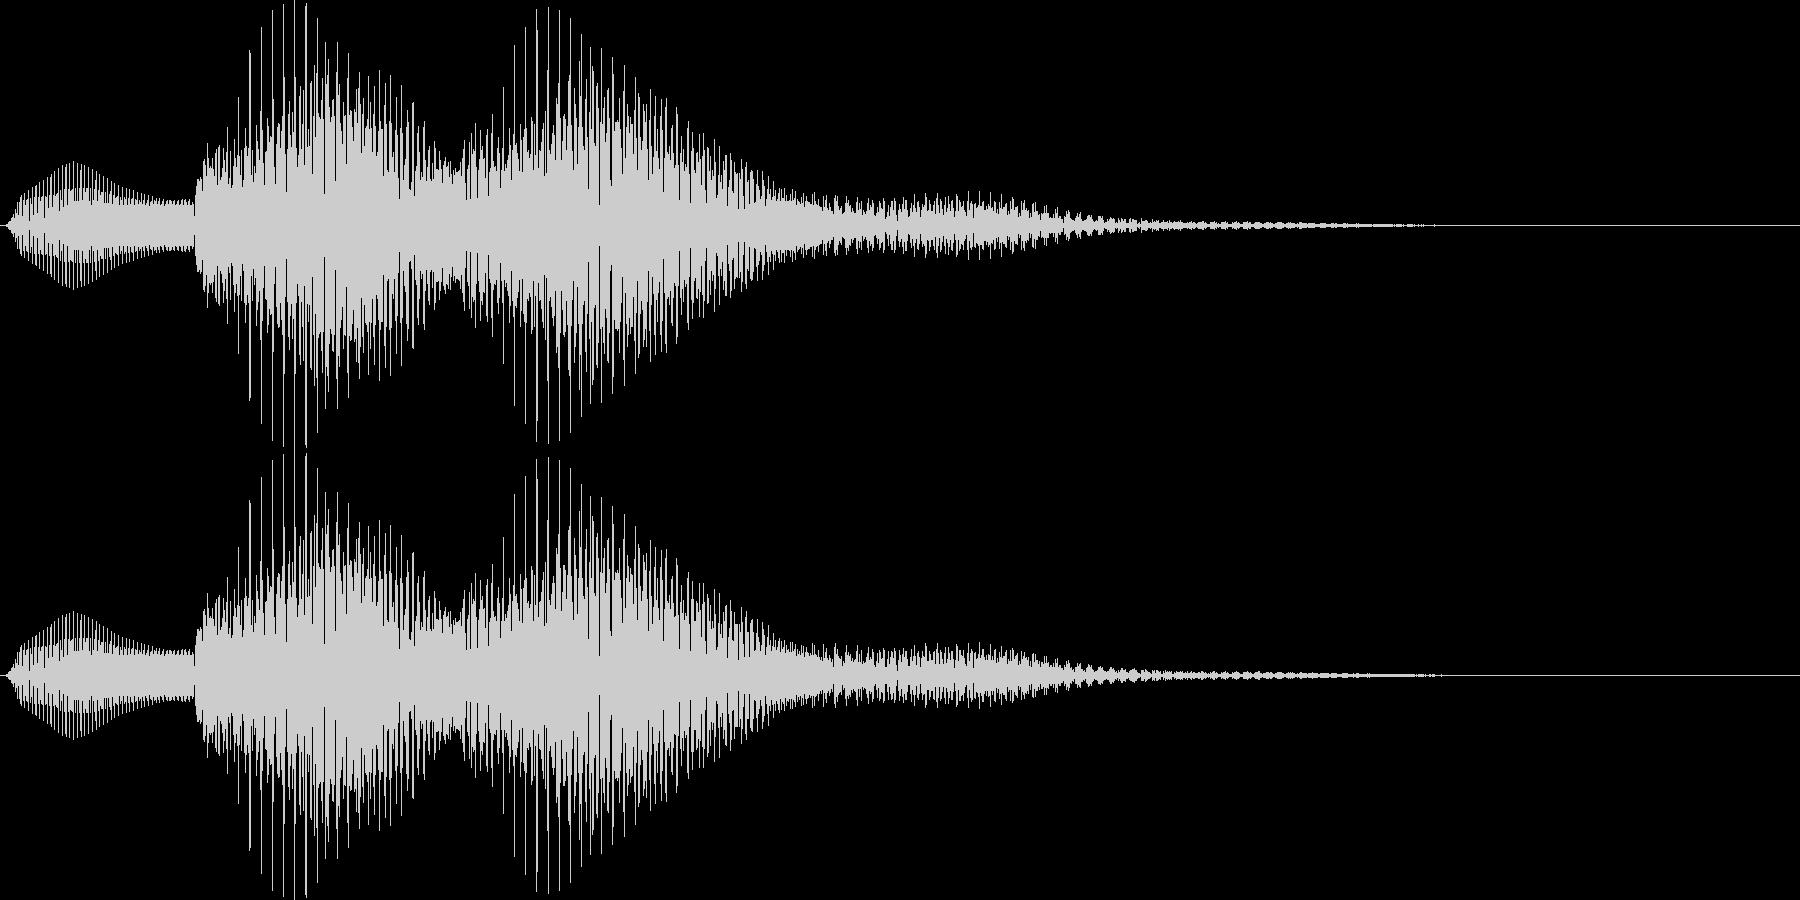 選択音 - 2 汎用の未再生の波形